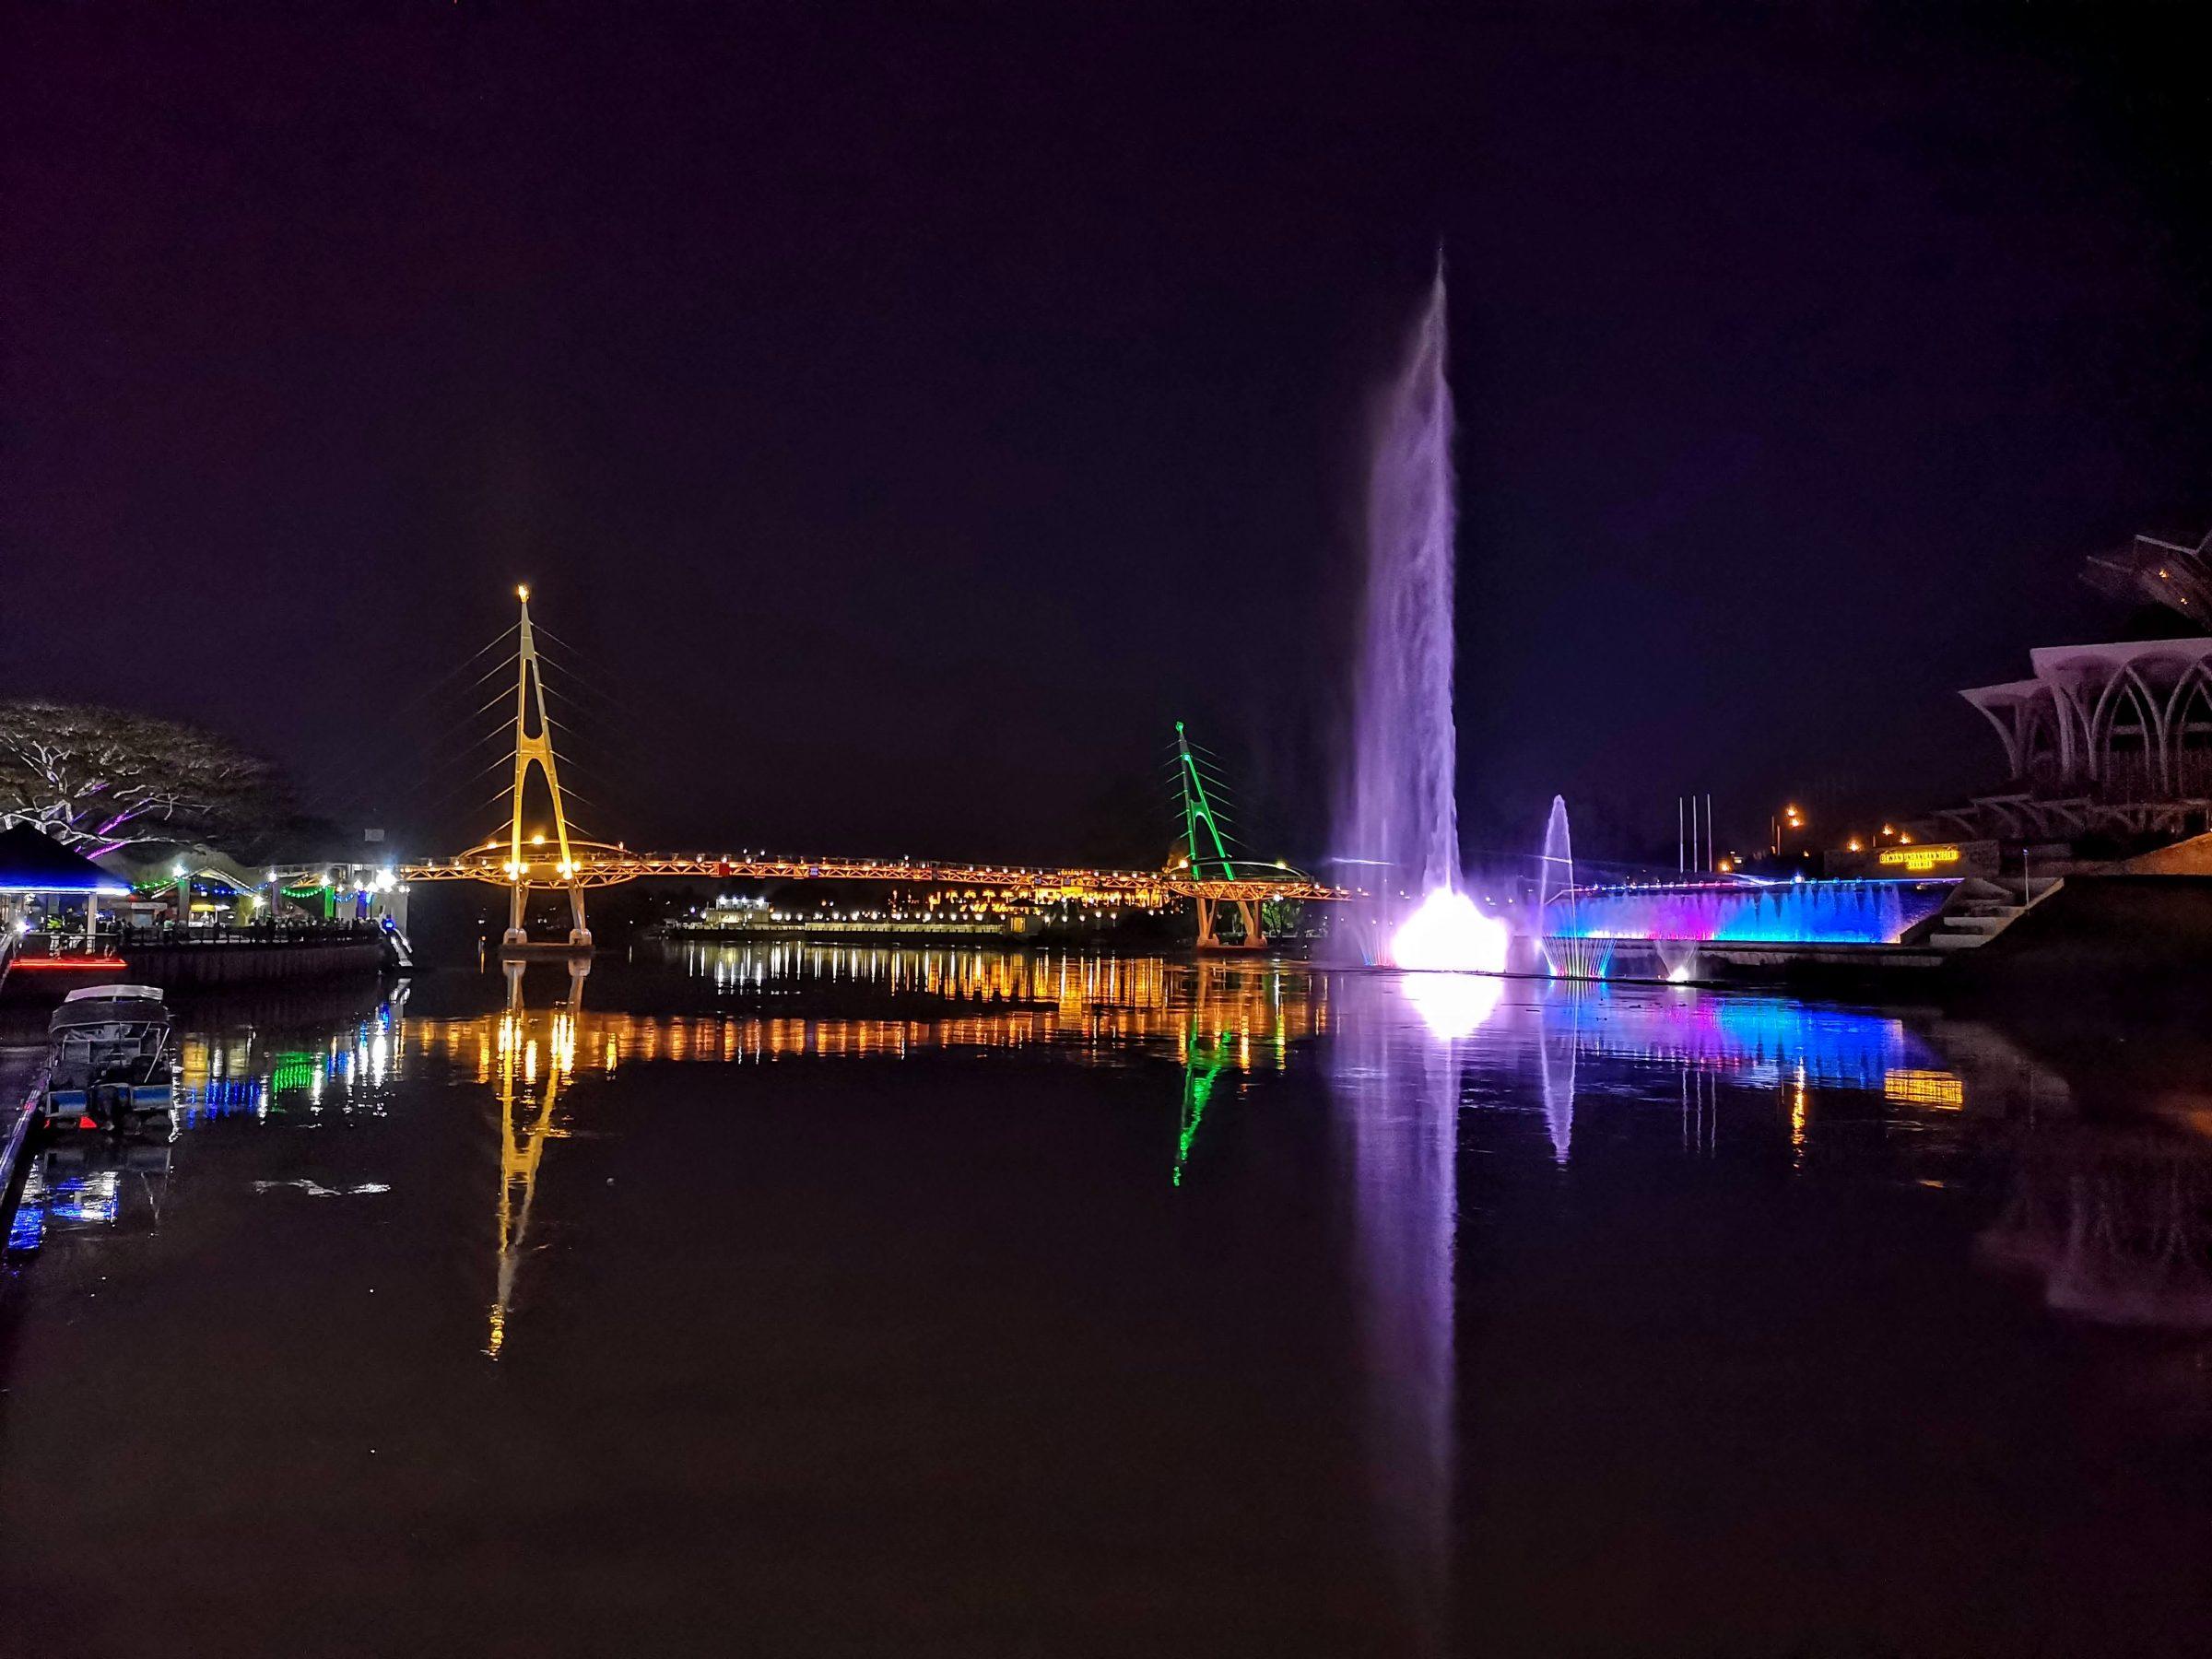 Dagelijkse fonteinshow, Kuching, Borneo